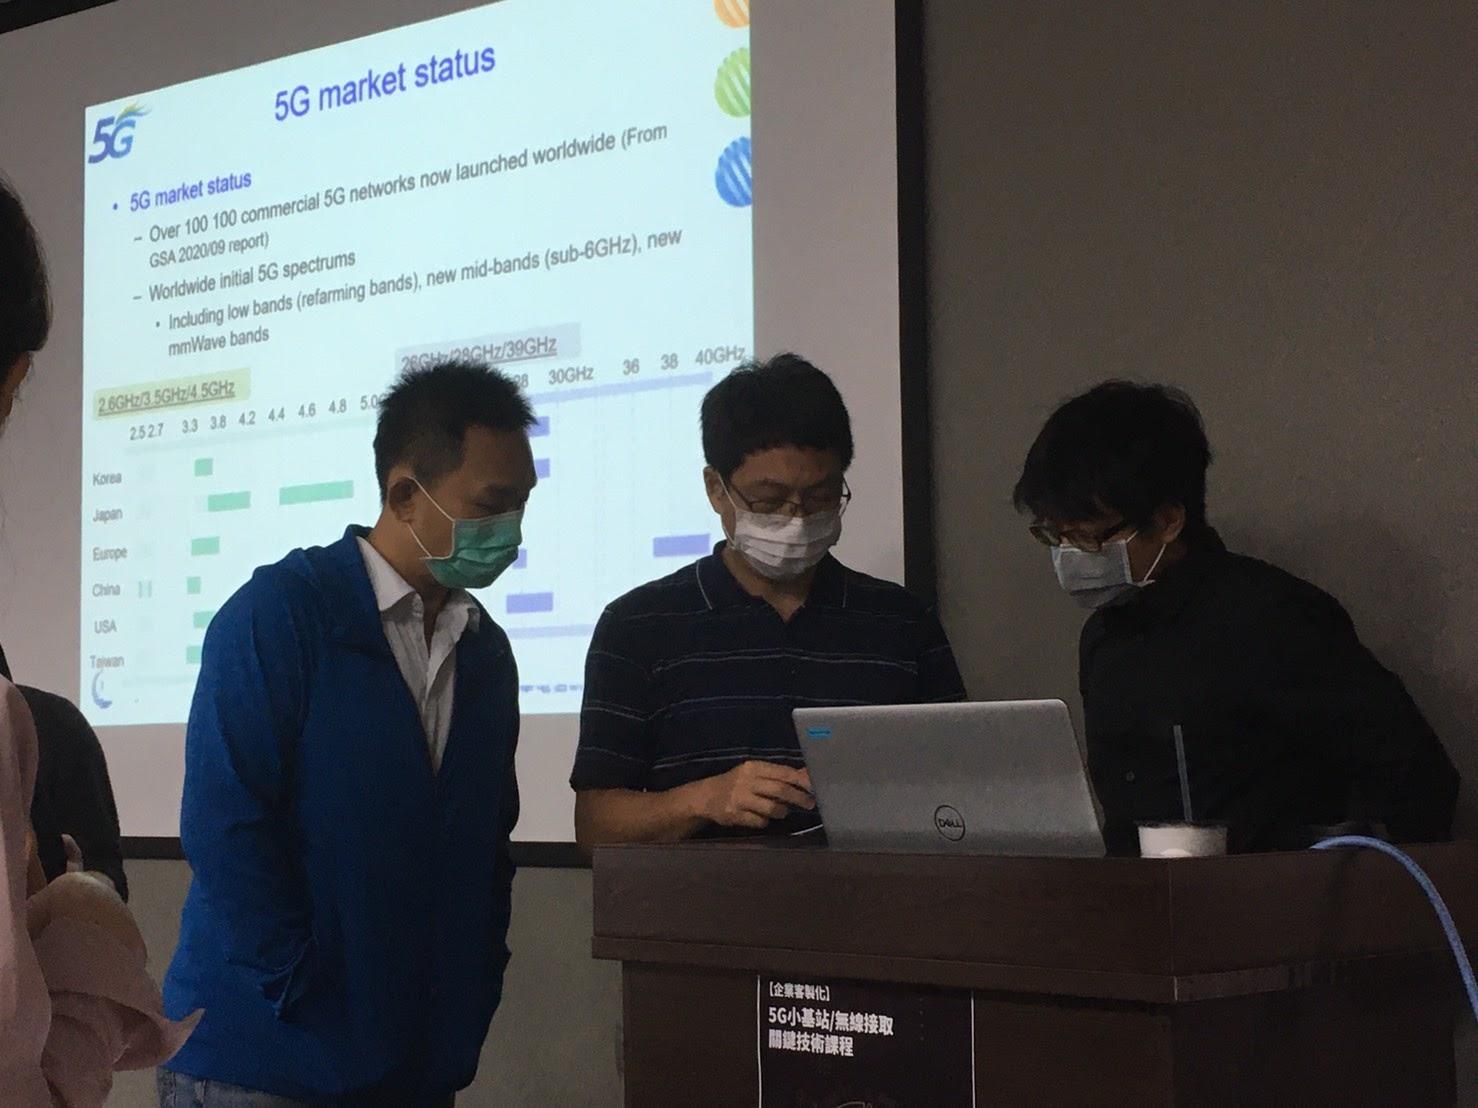 圖2: 講師與學員互動熱絡